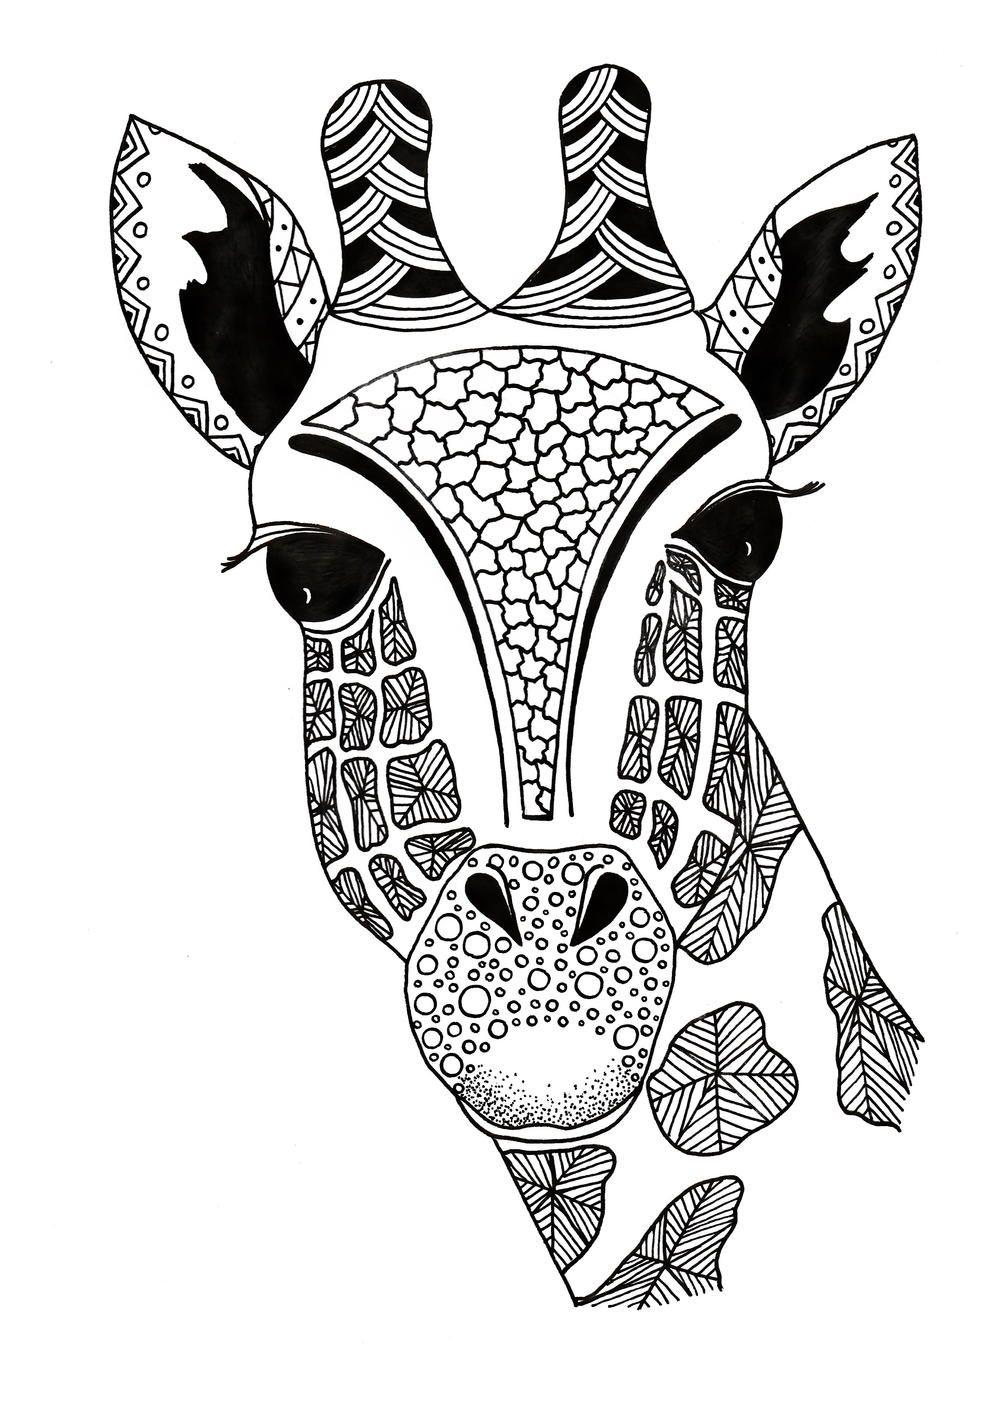 Giraffe Zentangle Coloring Page Giraffe Coloring Pages Pattern Coloring Pages Coloring Pages